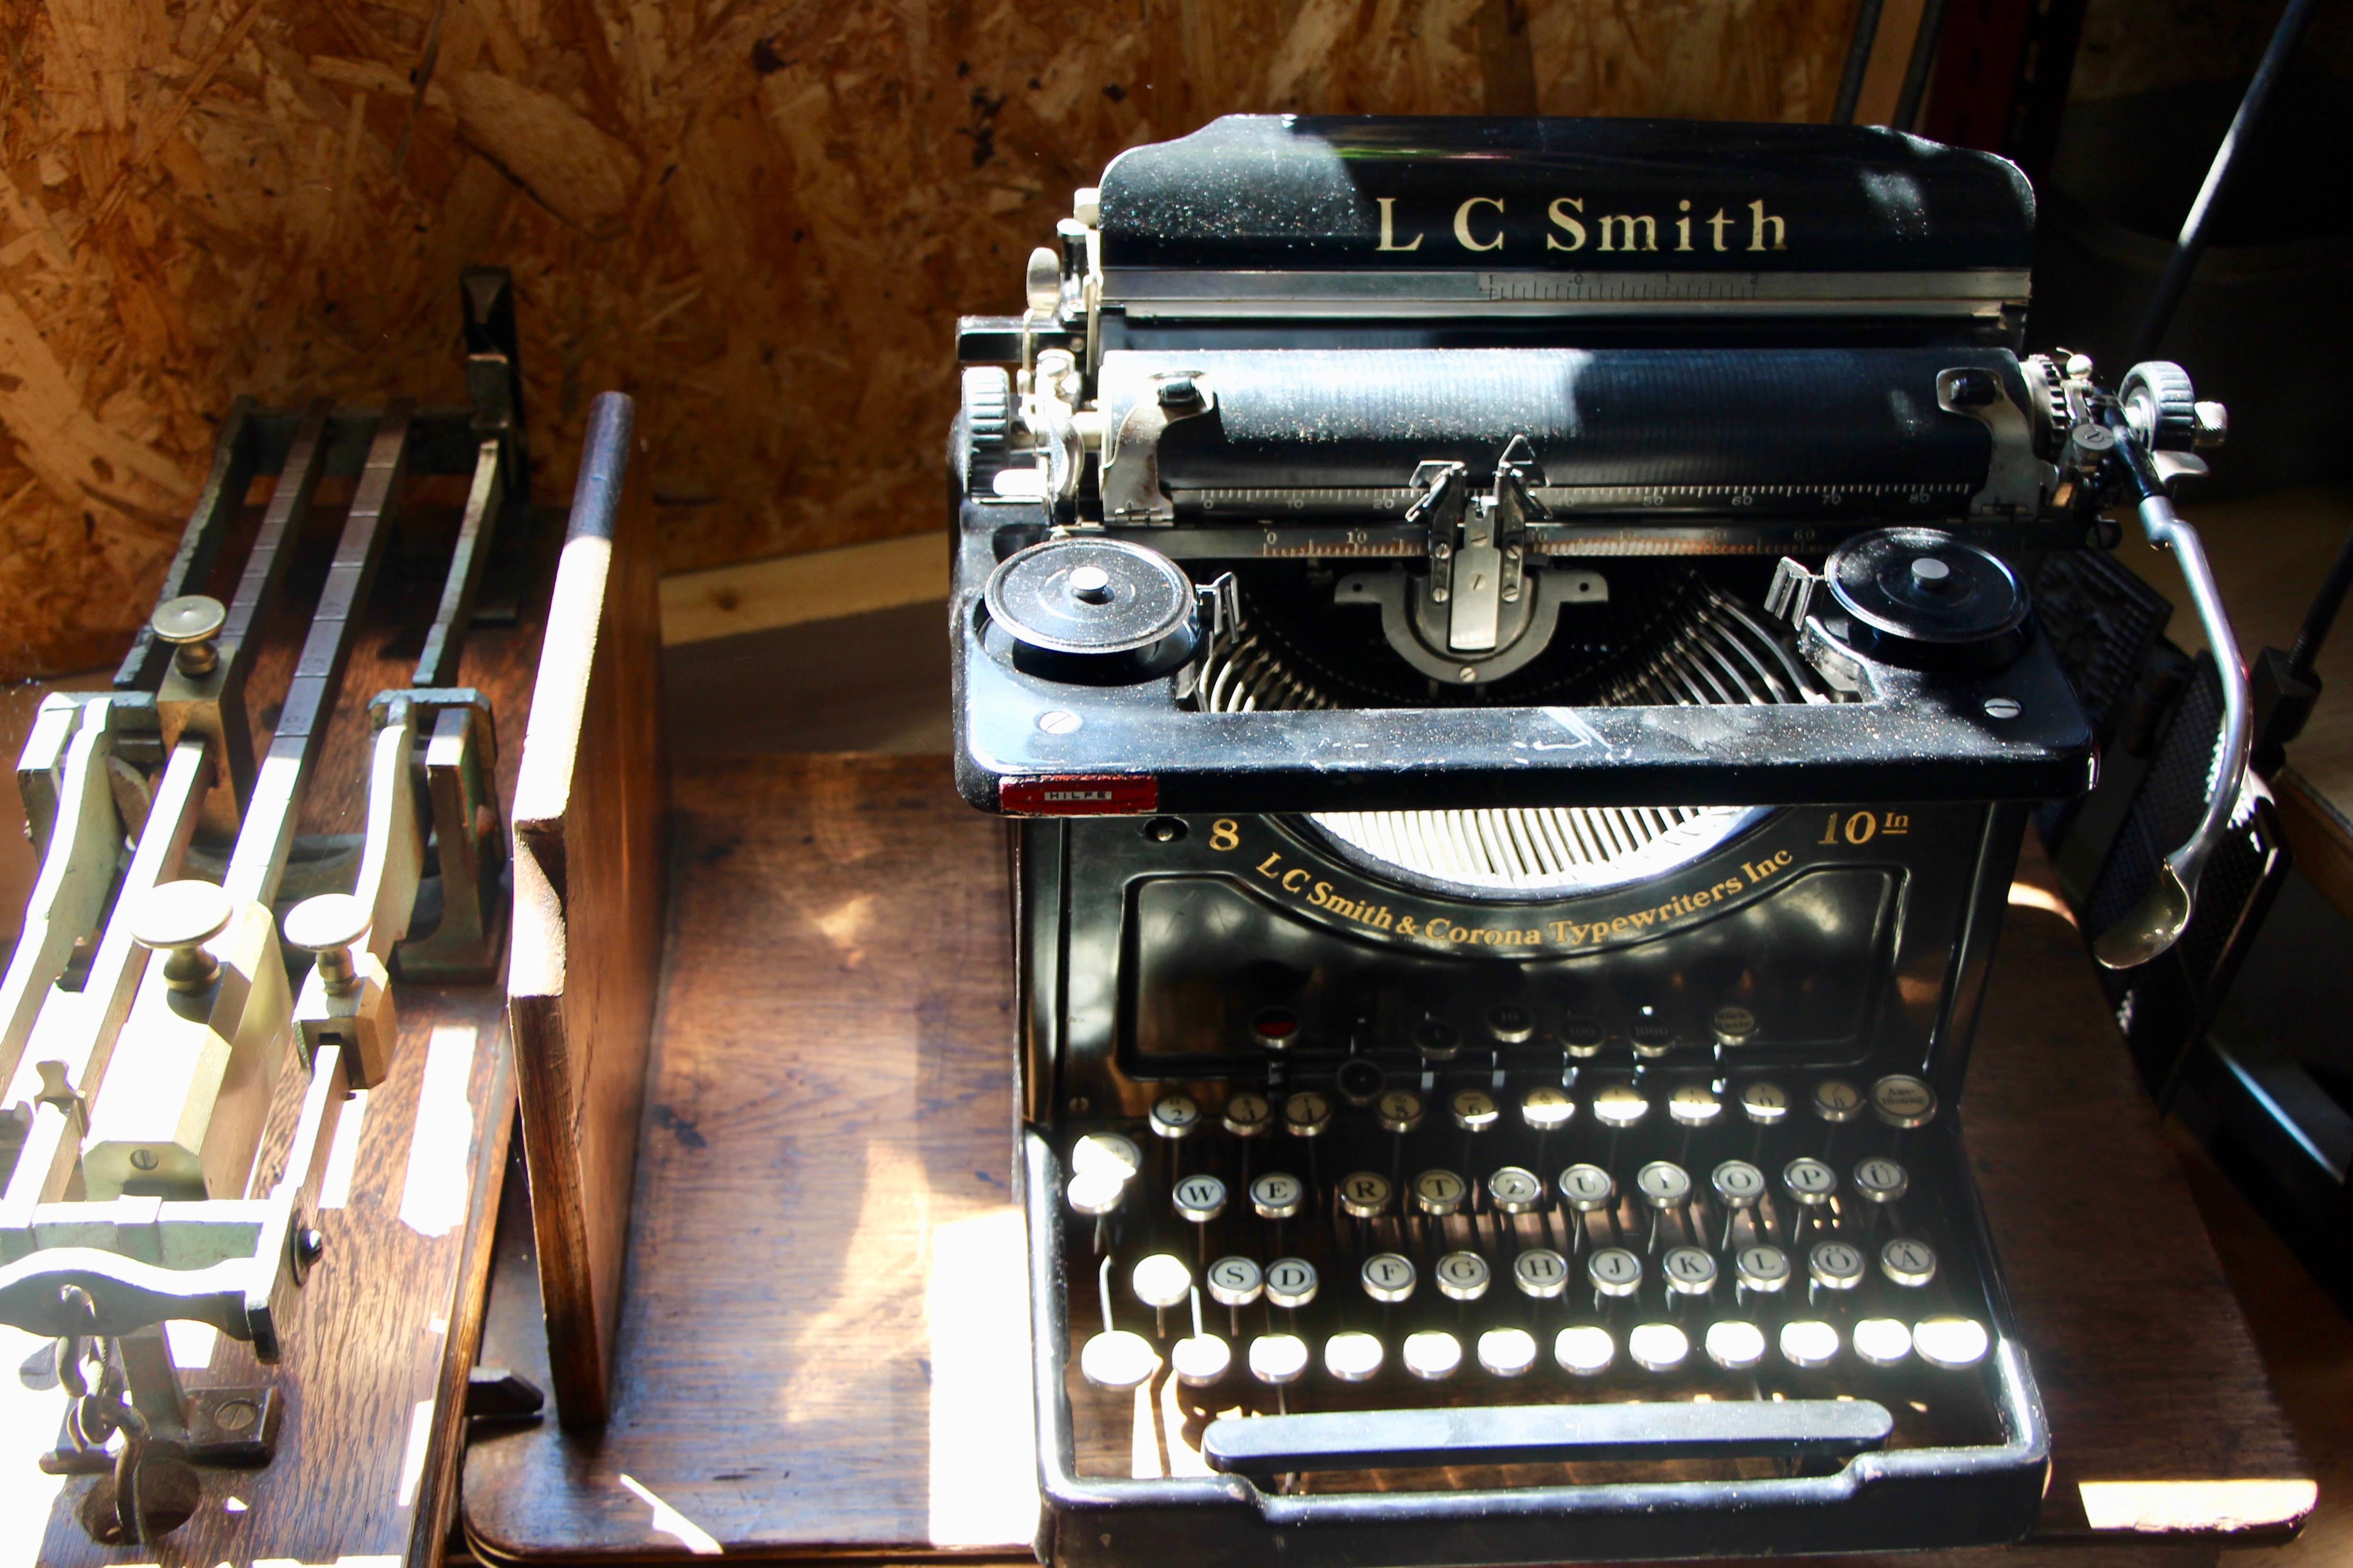 La machine à écrire ©Eugénie Rousak